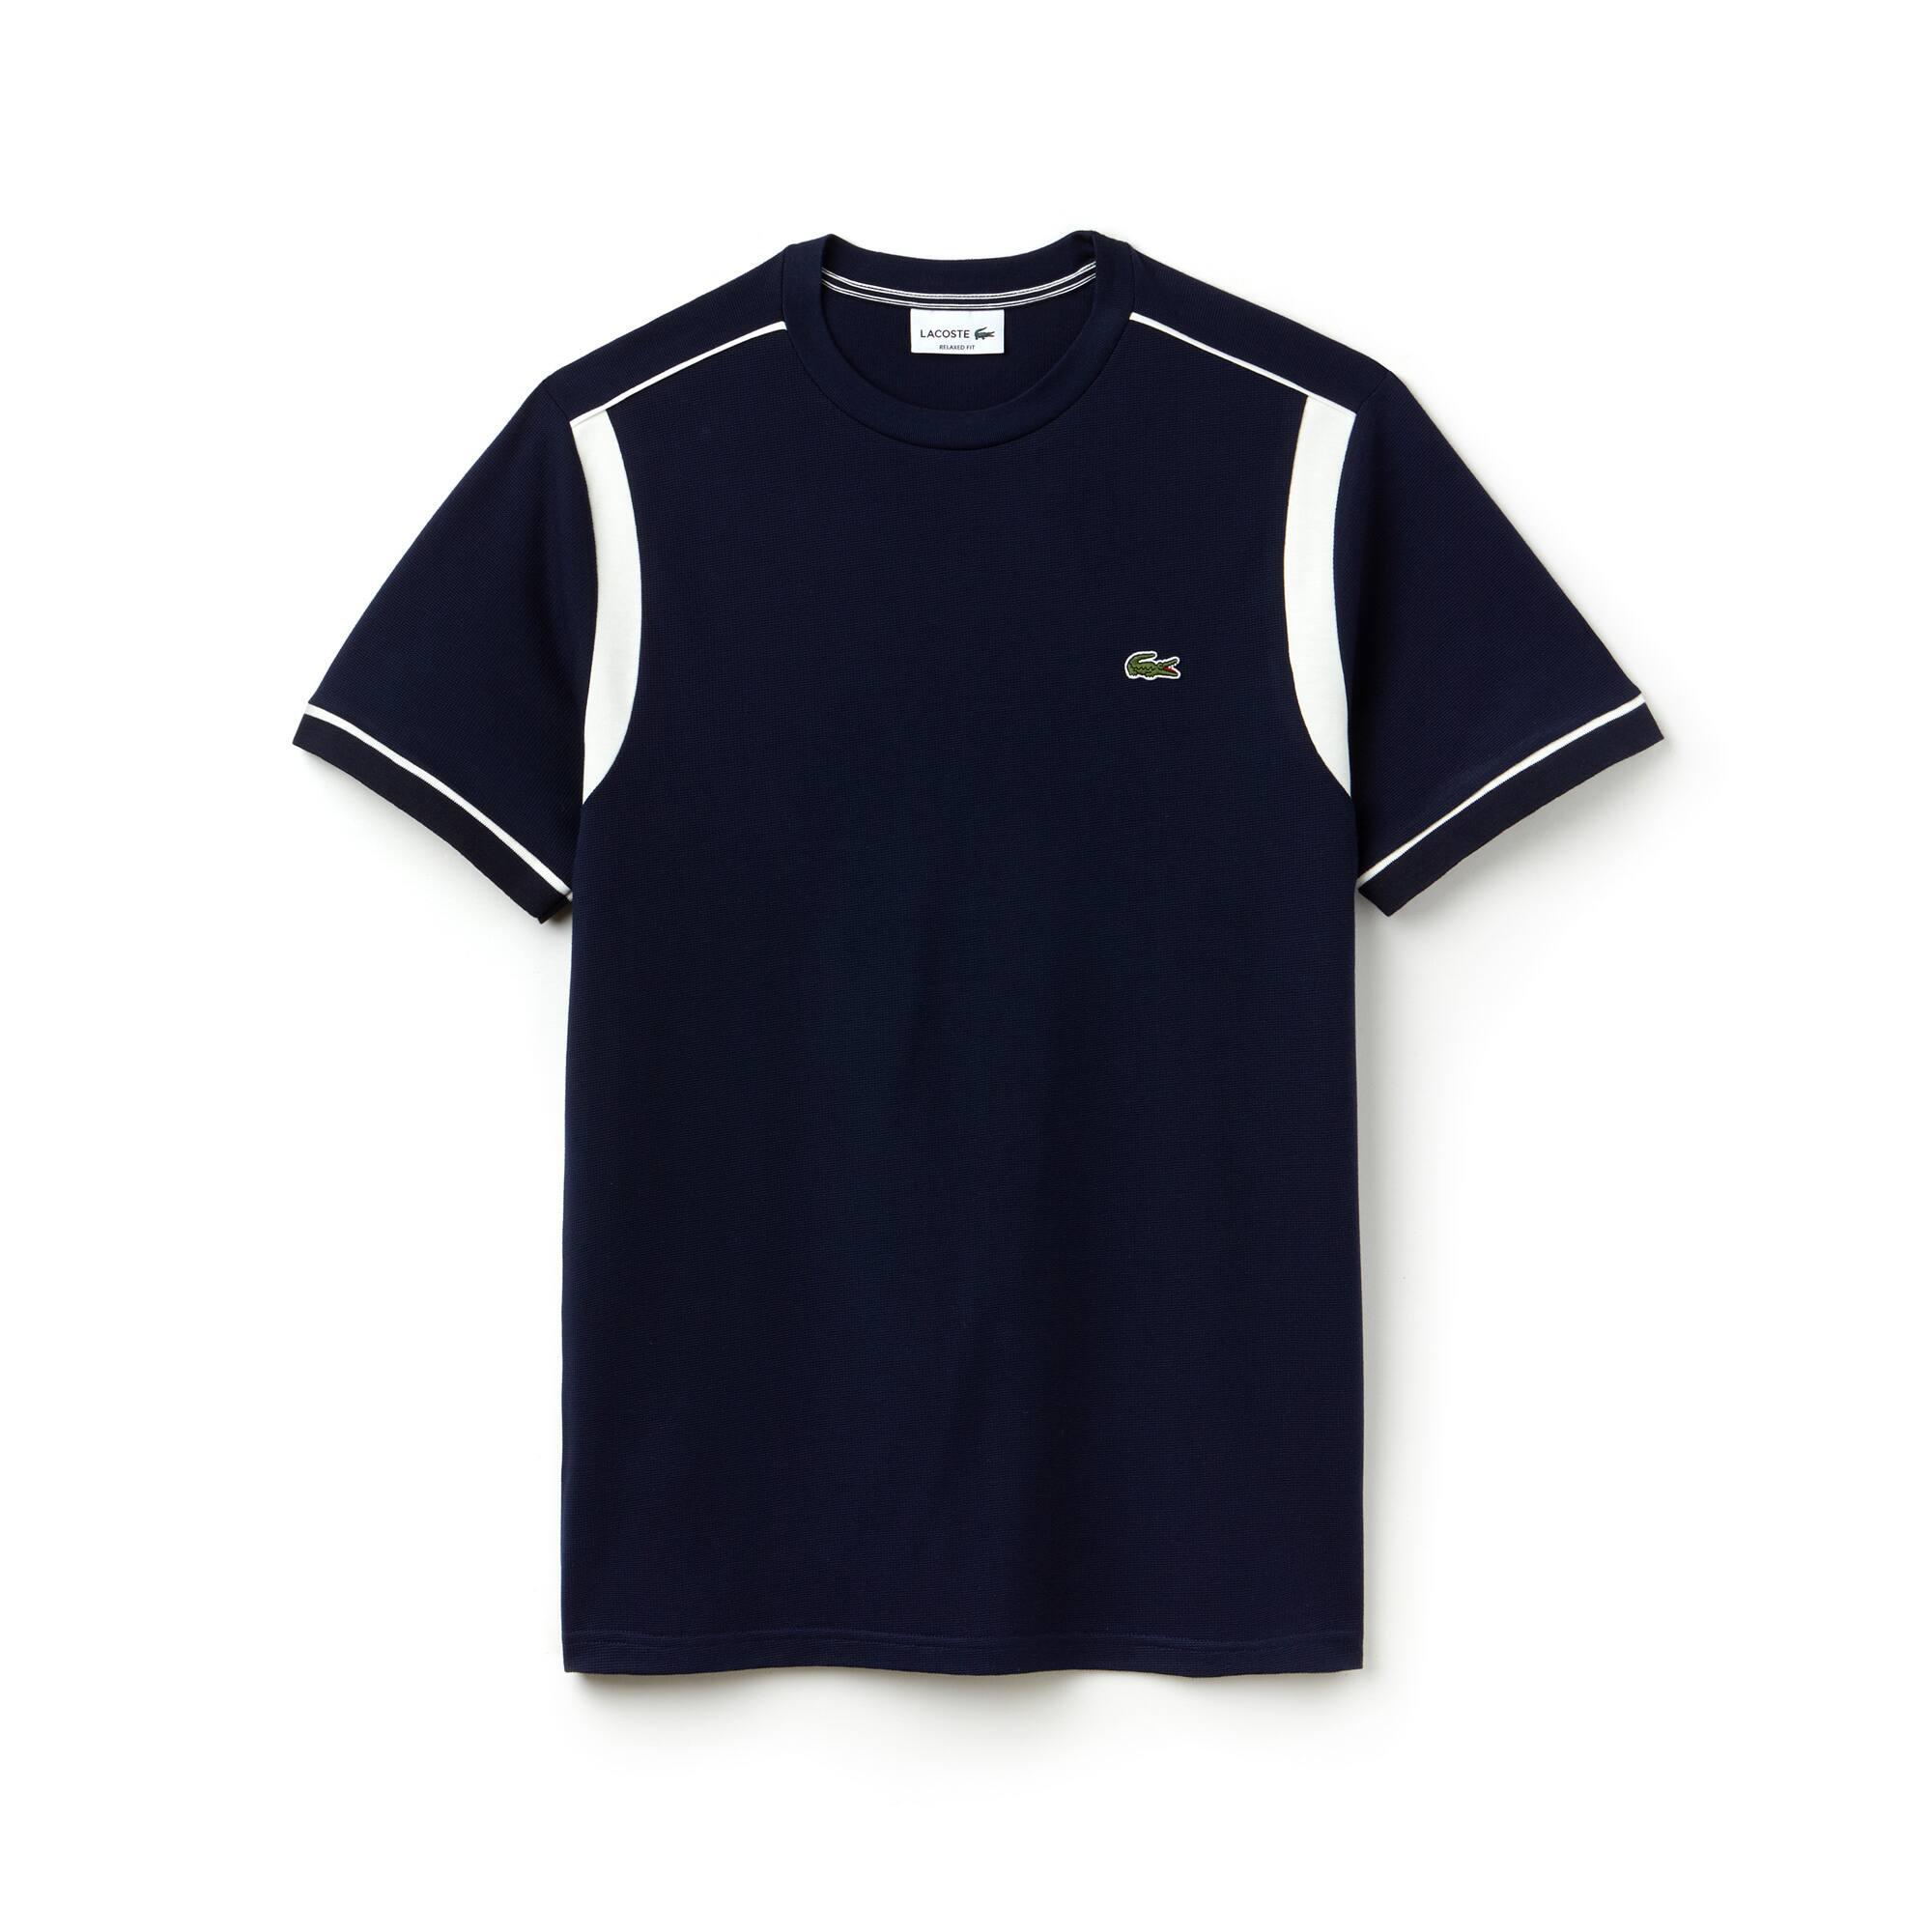 Men's Crew Neck Contrast Bands Cotton Square Knit T-shirt